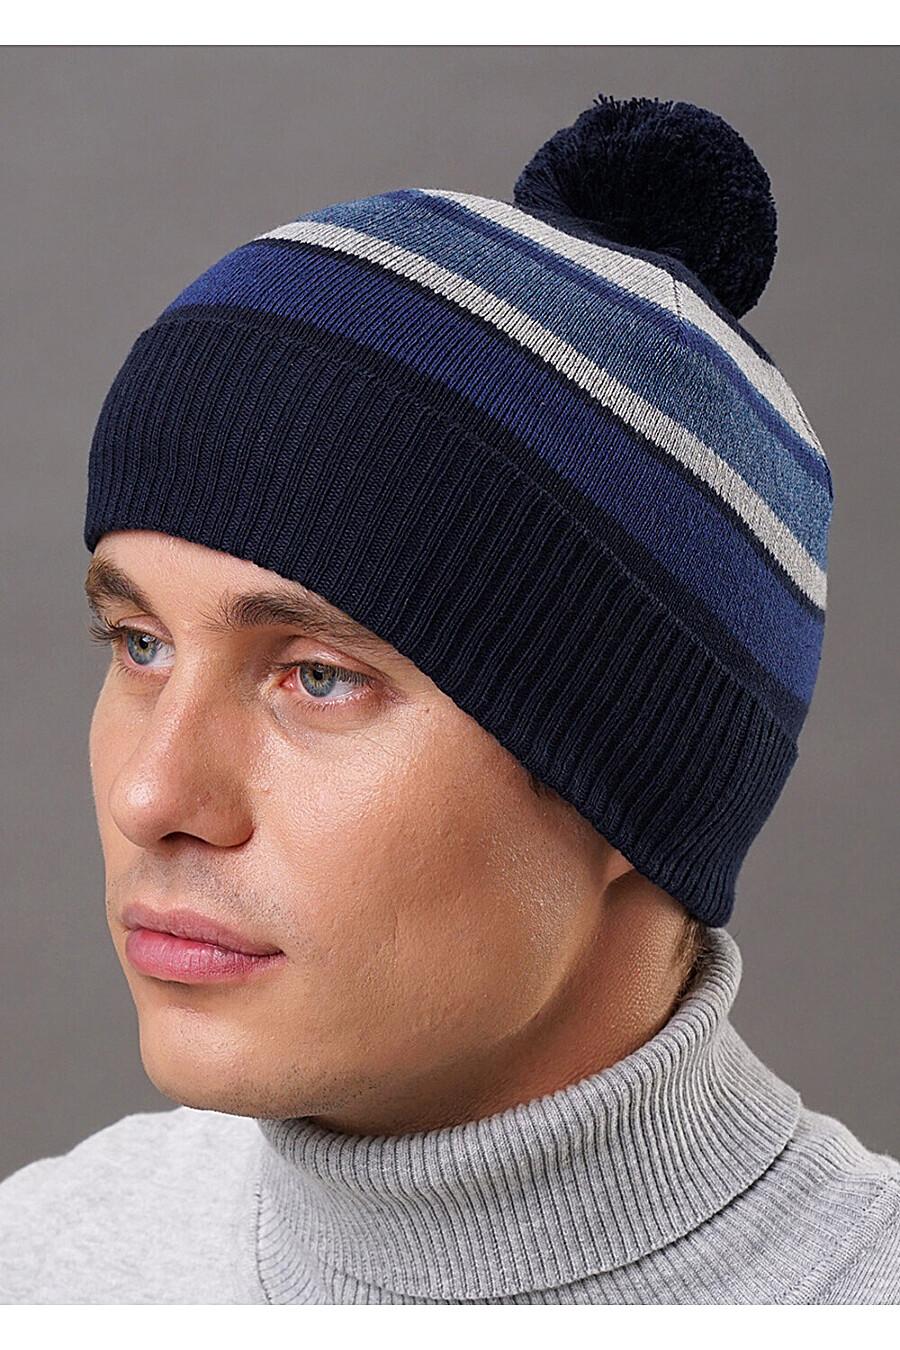 Шапка для мужчин CLEVER 219419 купить оптом от производителя. Совместная покупка мужской одежды в OptMoyo